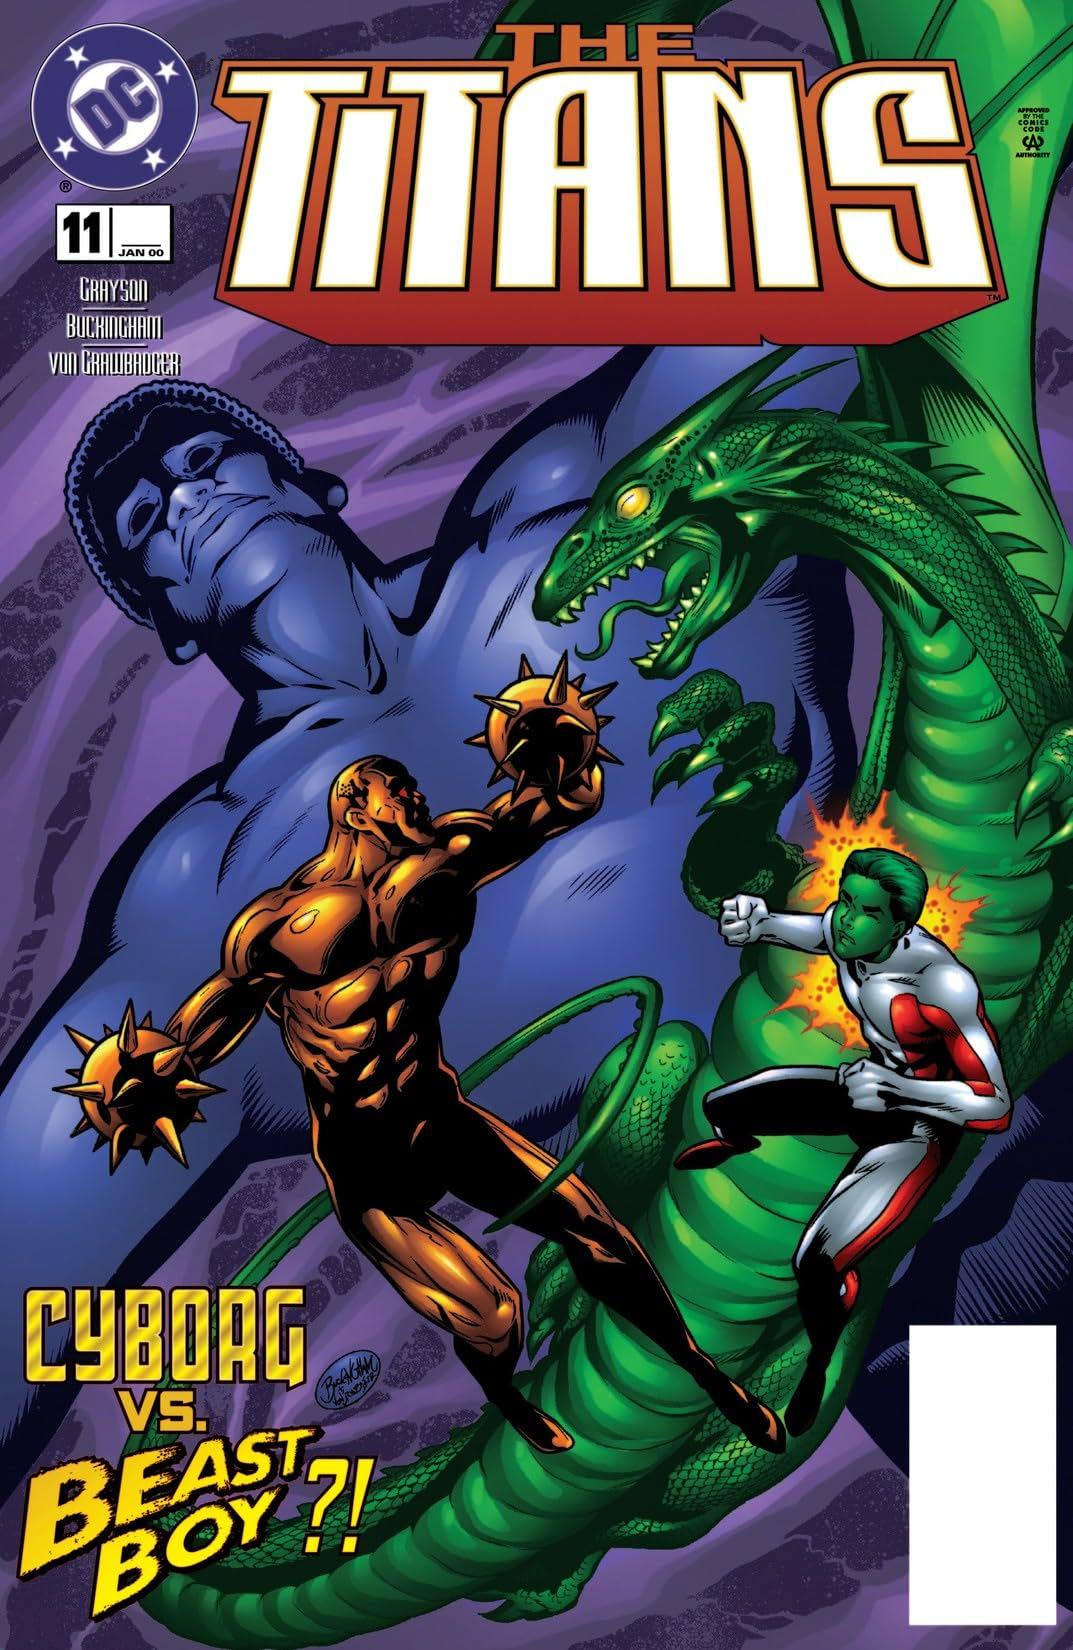 The Titans (1999-2003) #11